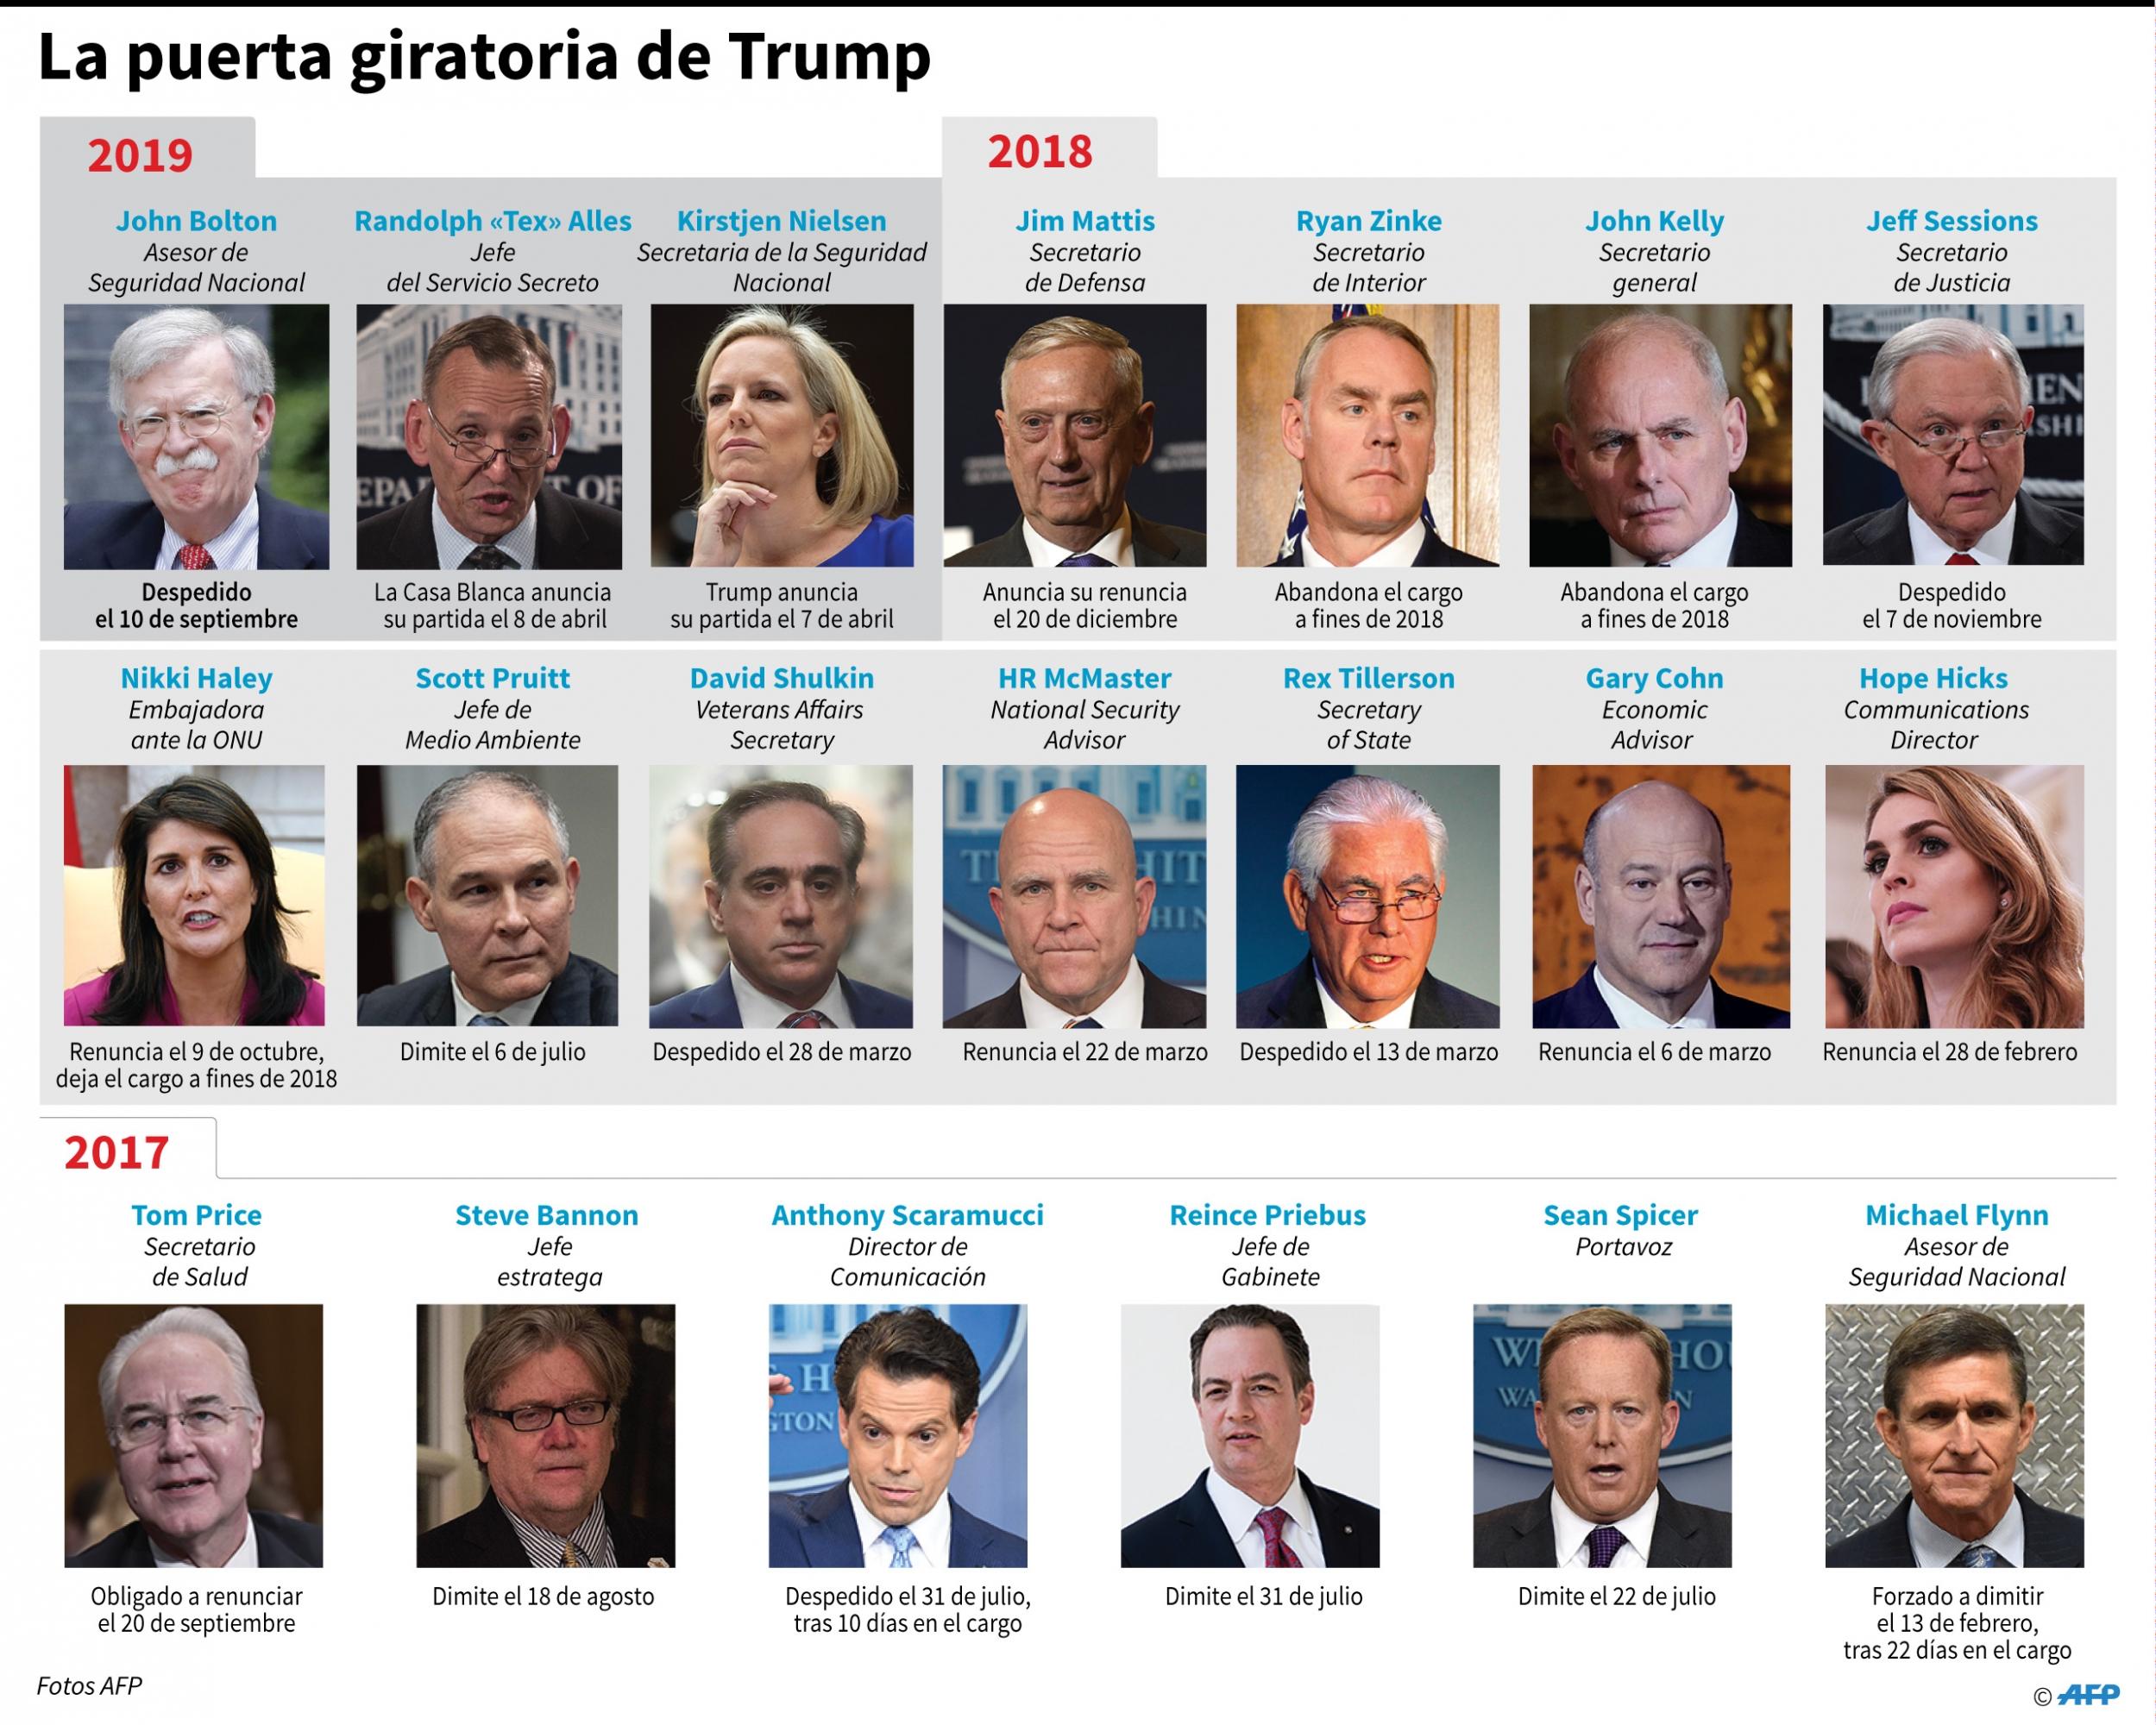 Principales miembros del equipo de Donald Trump que abandonaron sus cargos en la Casa Blanca o fueron despedidos. (AFP)